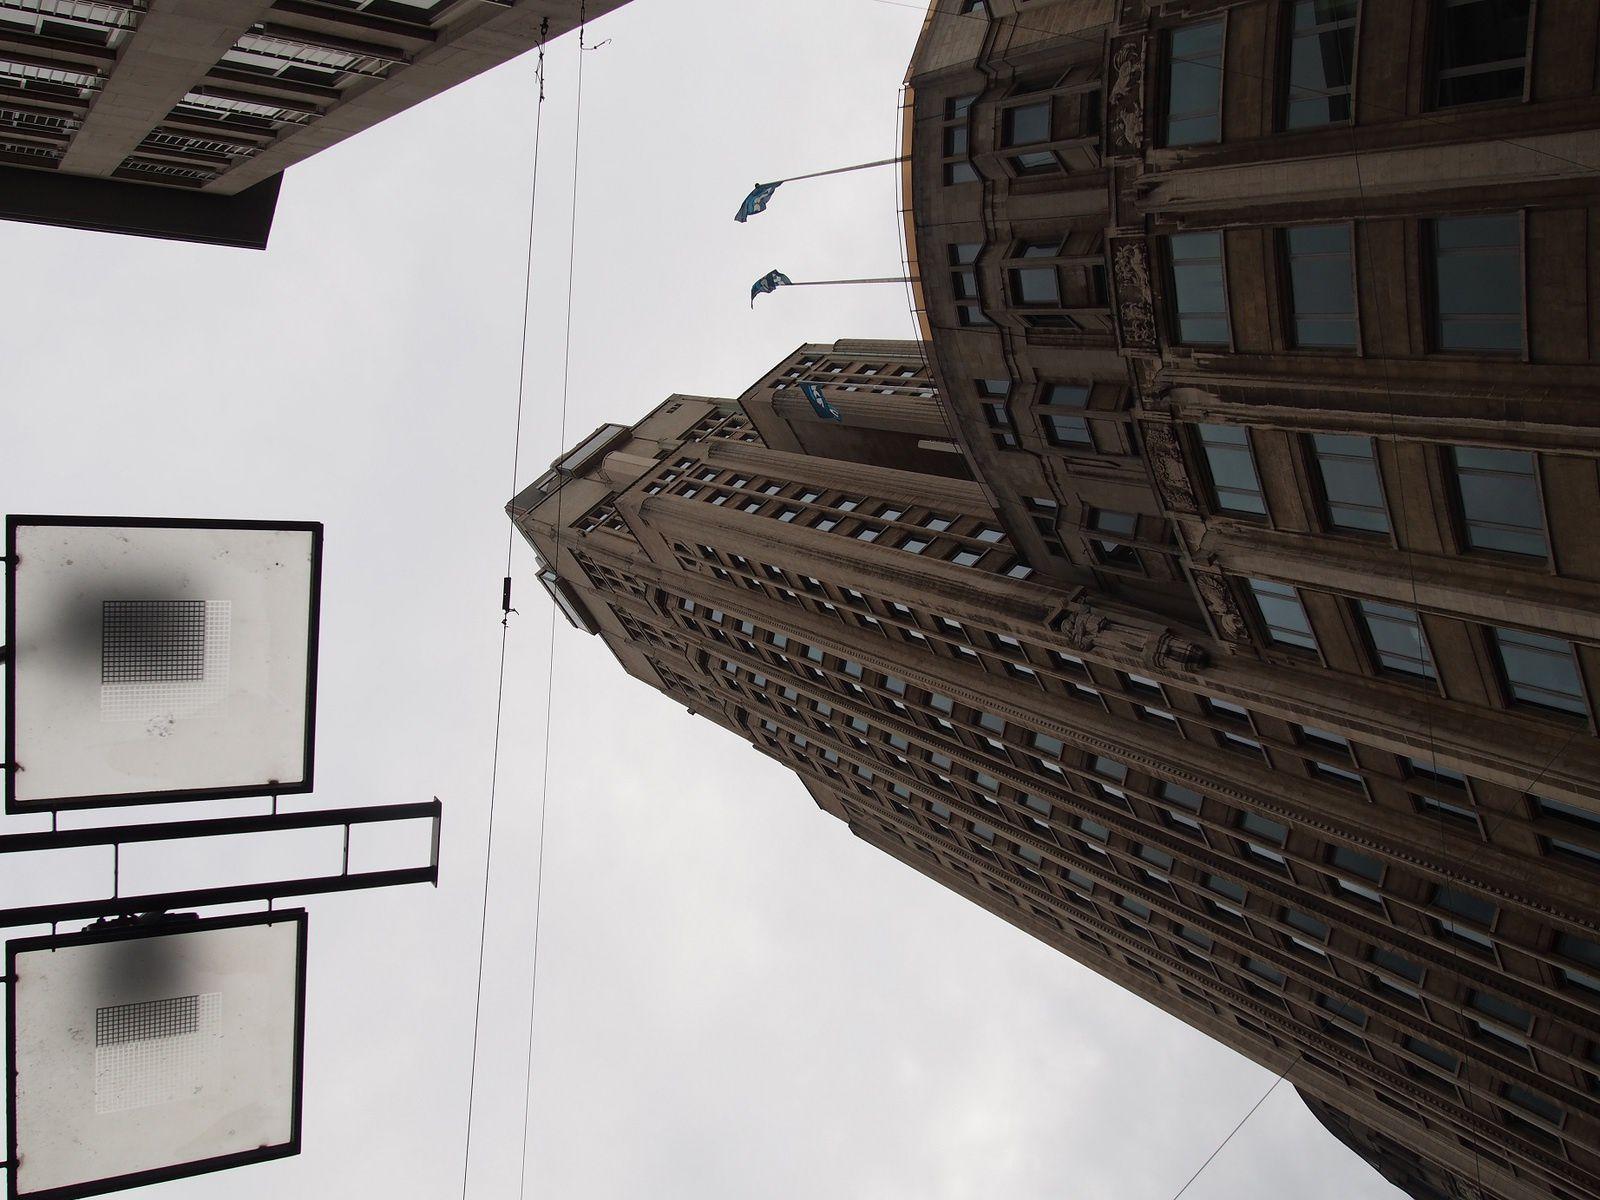 J'ai voulu voir Anvers